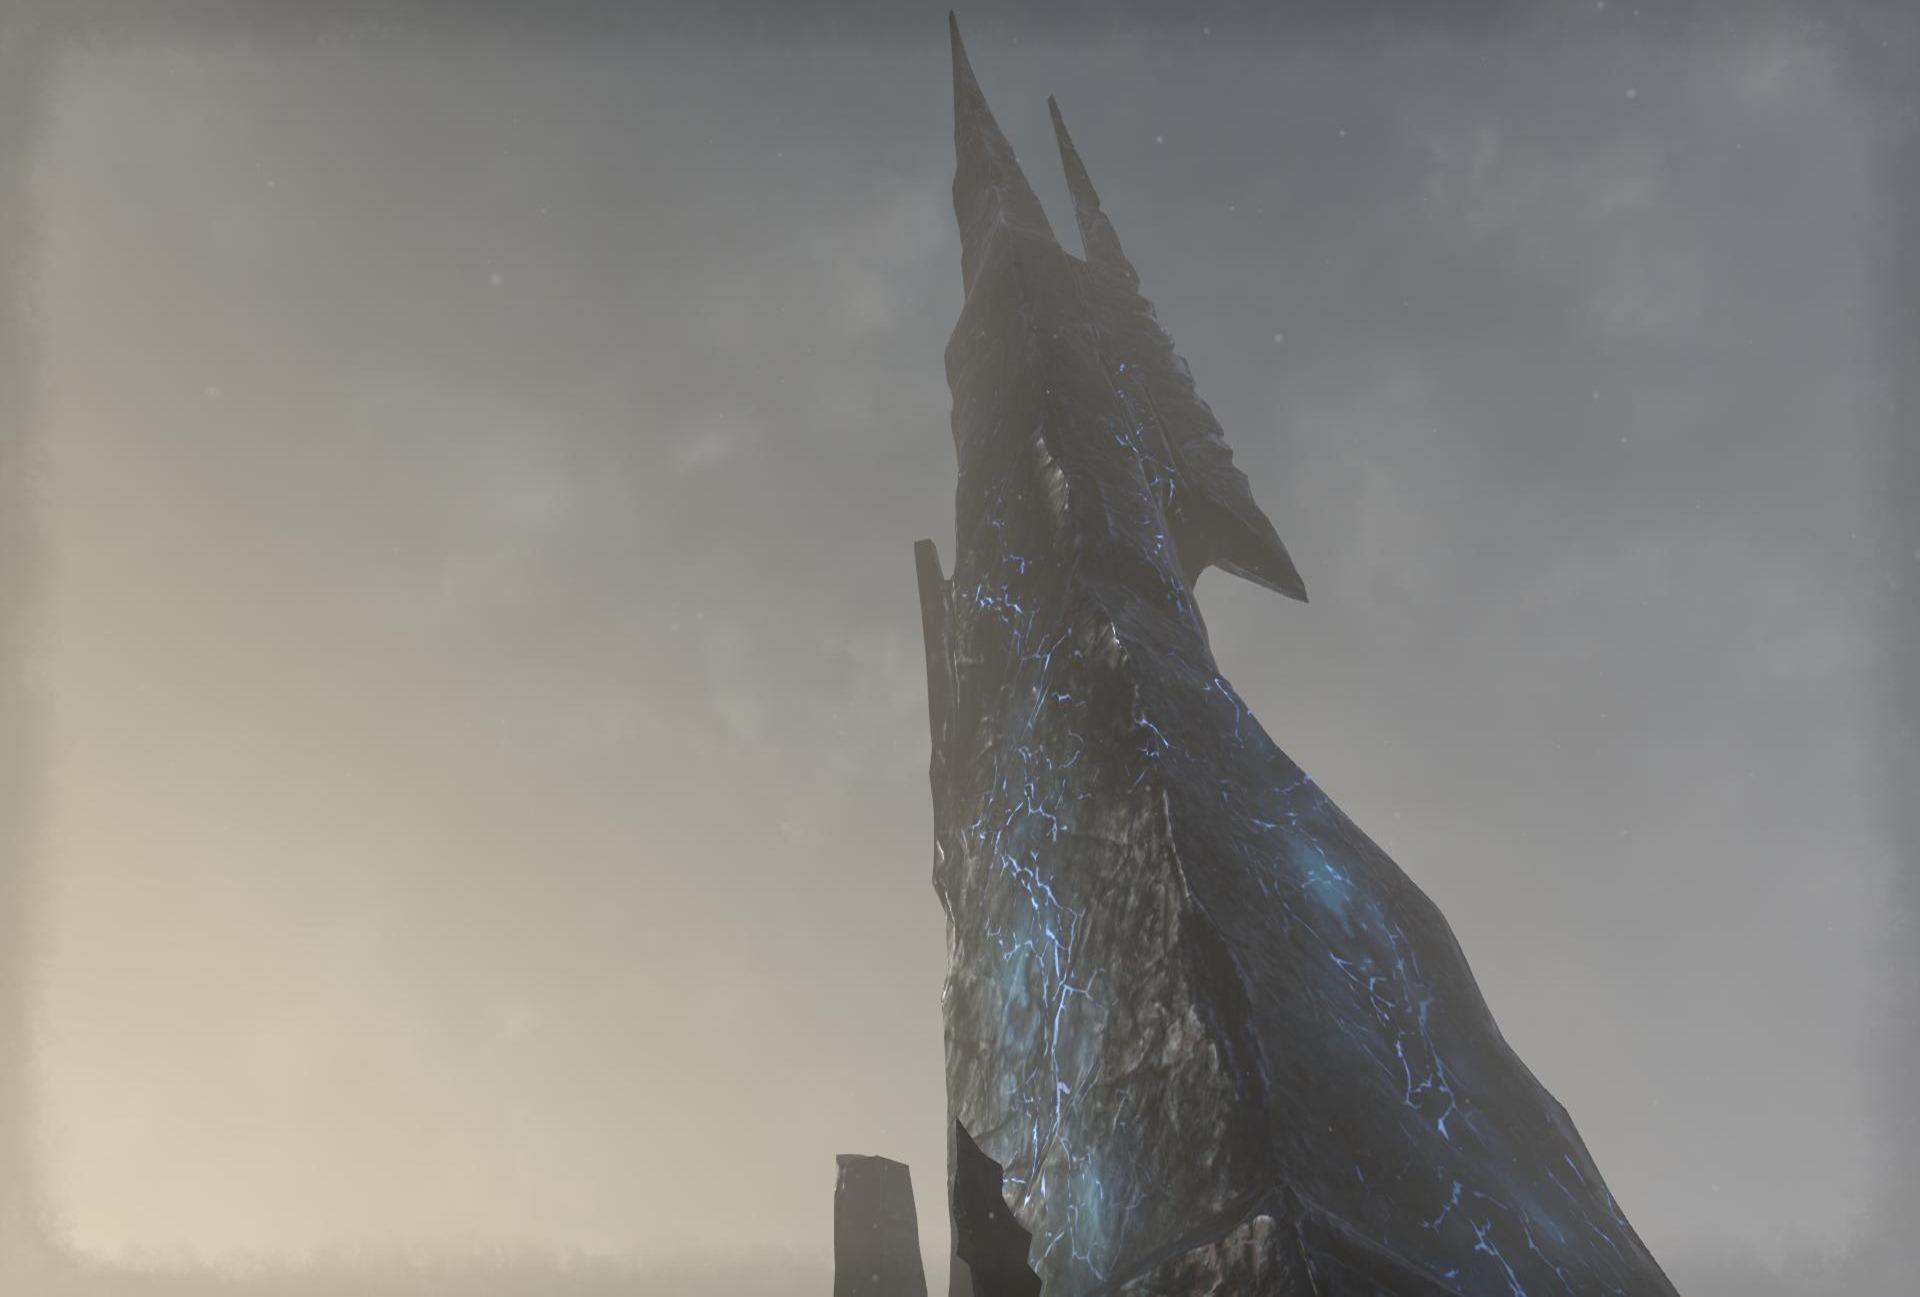 eso-craglorn-screenshots-18